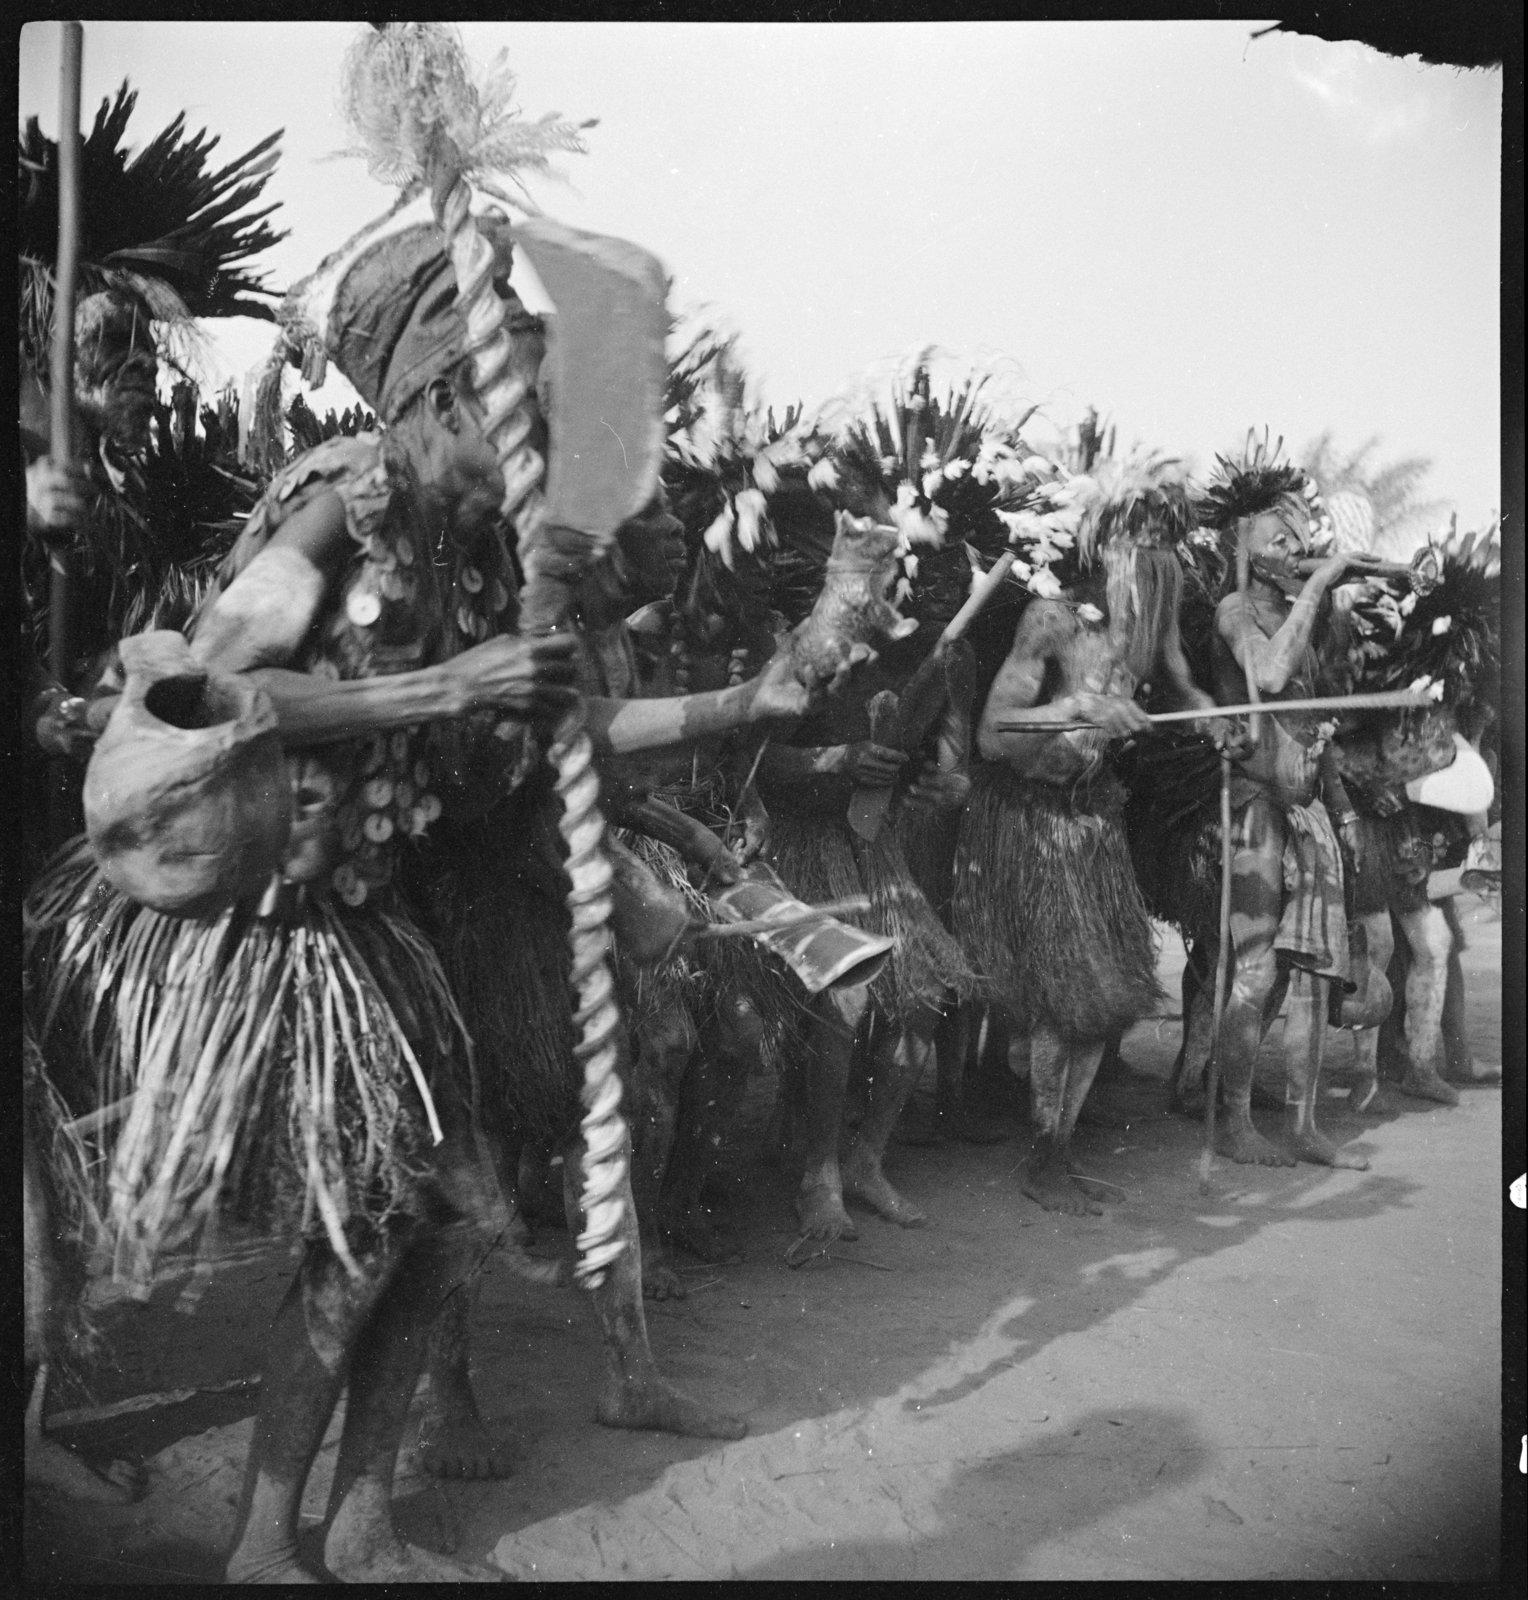 Groupe de danseurs, Ewo (Moyen-Congo), André Didier, CNRS-CREM, CC BY-NC-ND